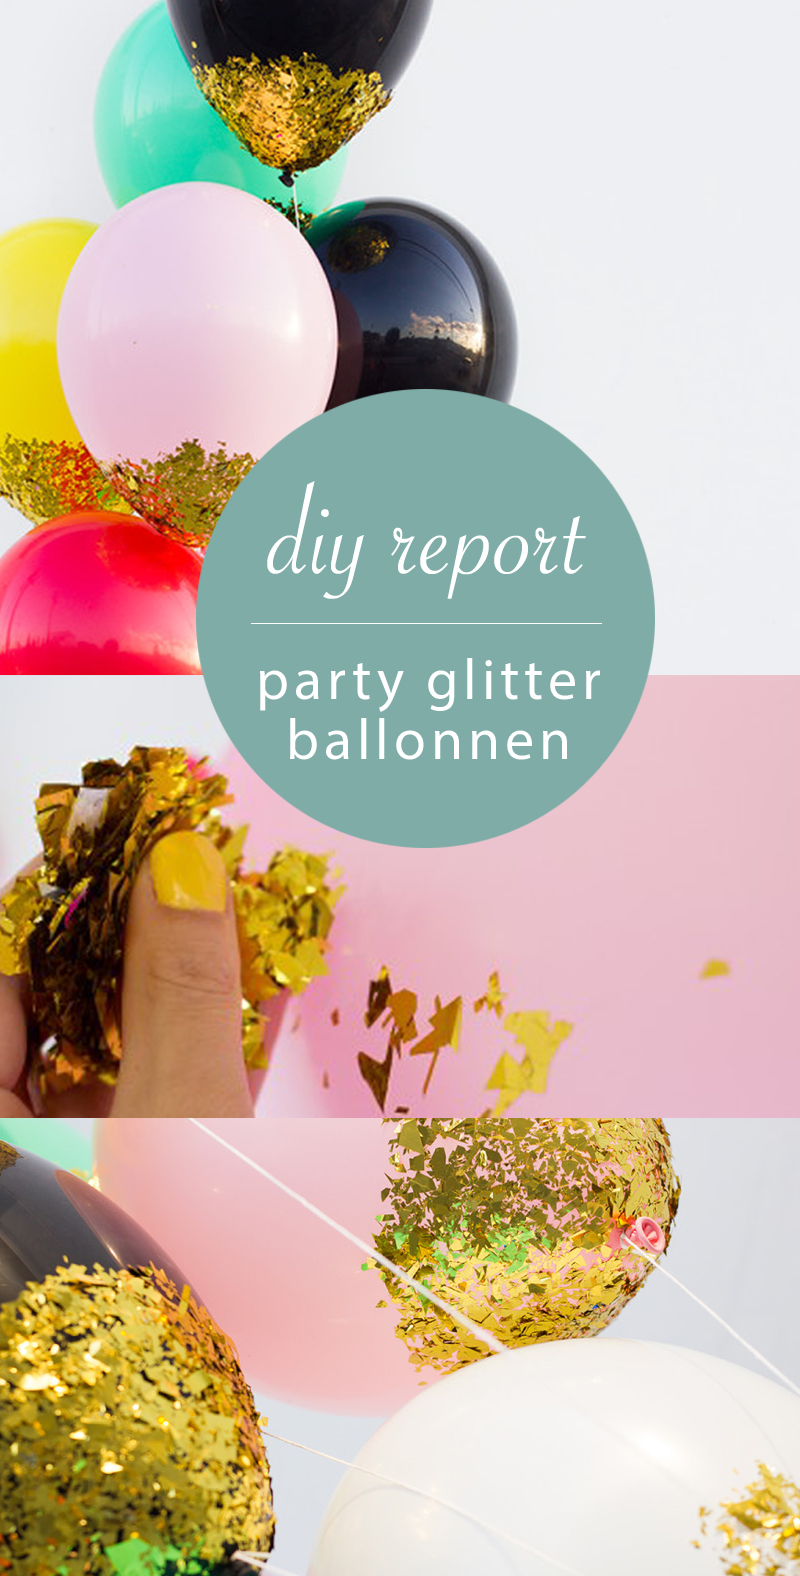 Diy glitter ballonnen it 39 s party time follow fashion for Ballonnen decoratie zelf maken